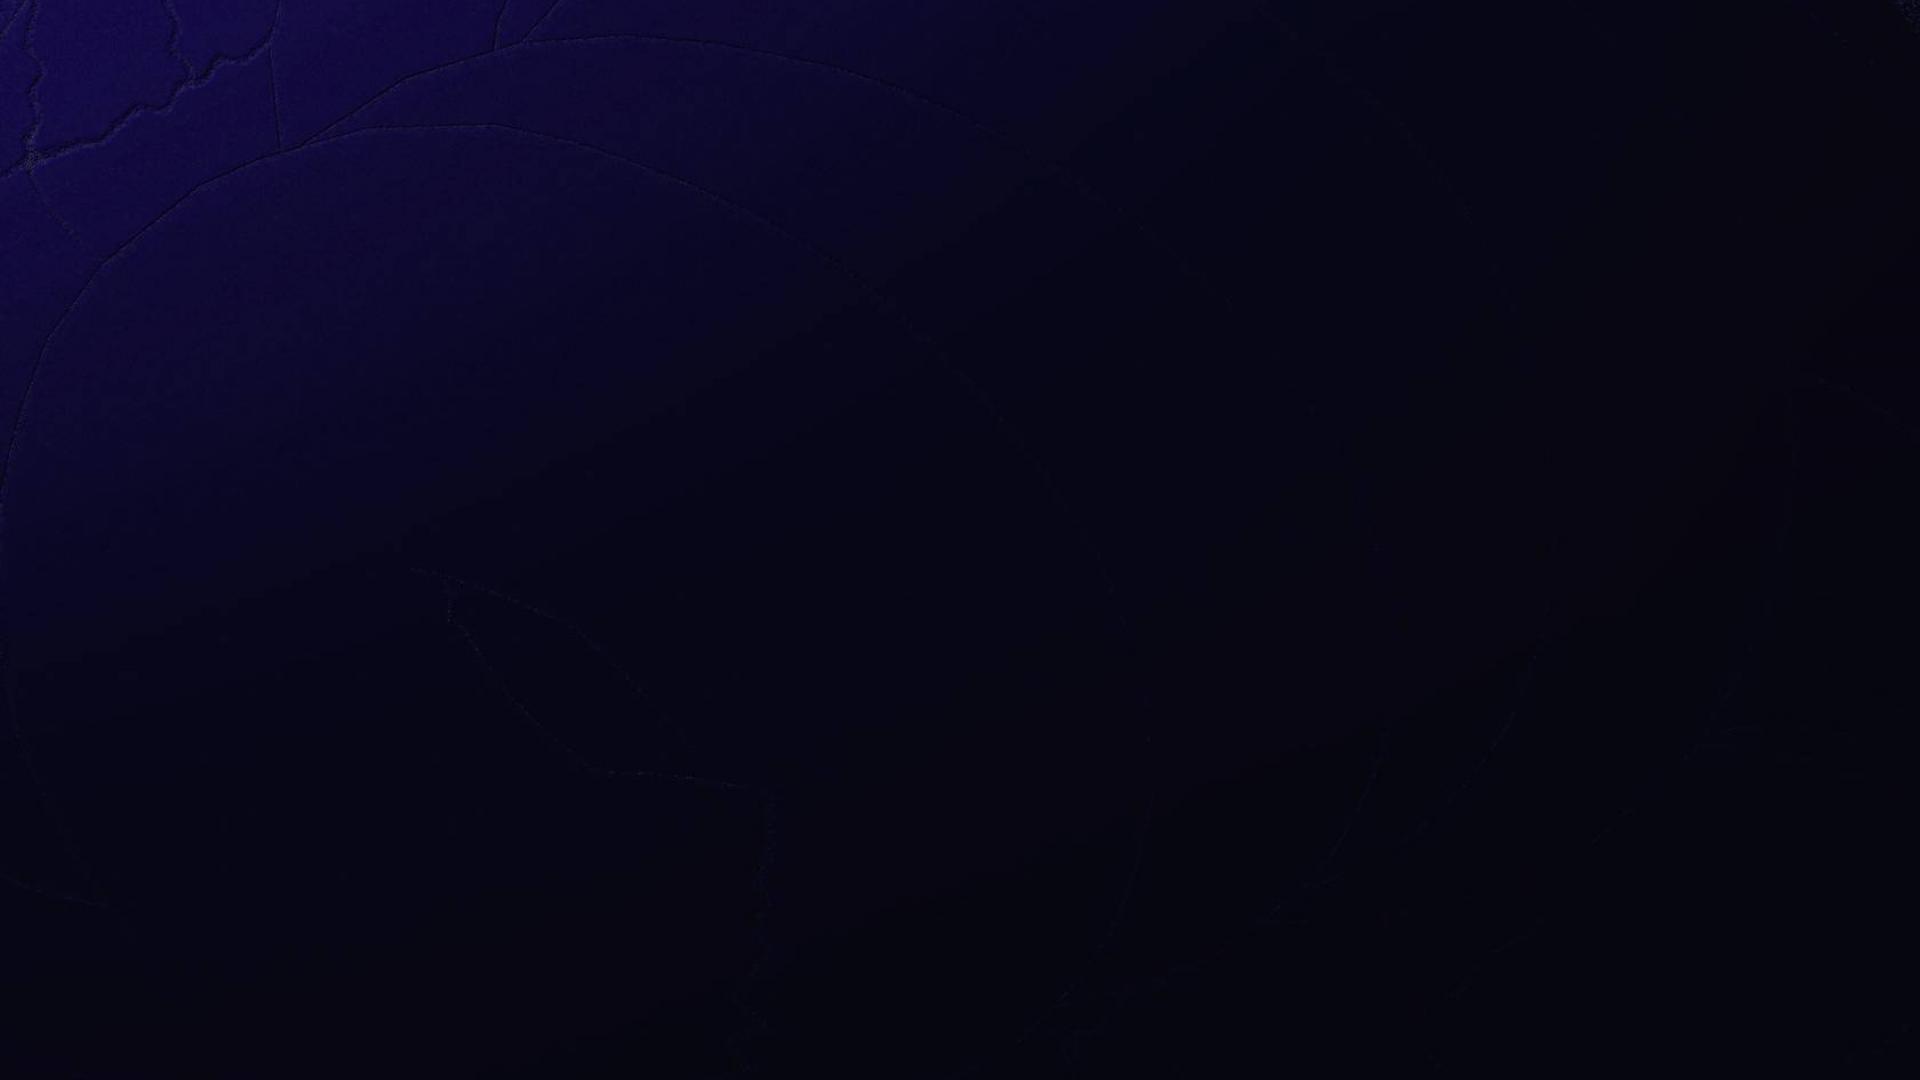 Dark Blue background ·① Download free amazing High